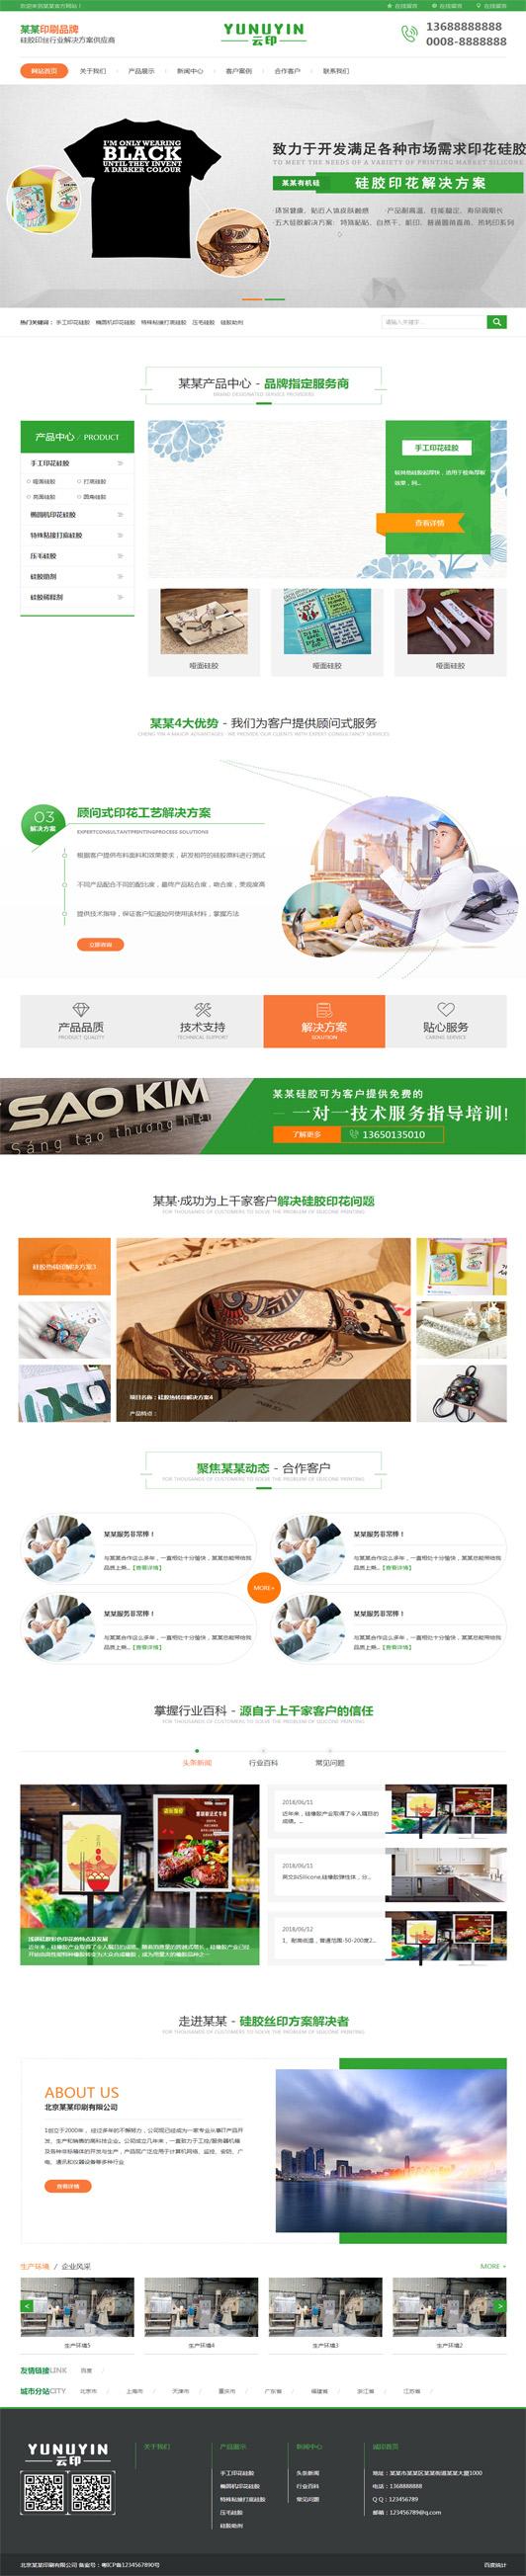 硅胶印丝公司网站营销式模板